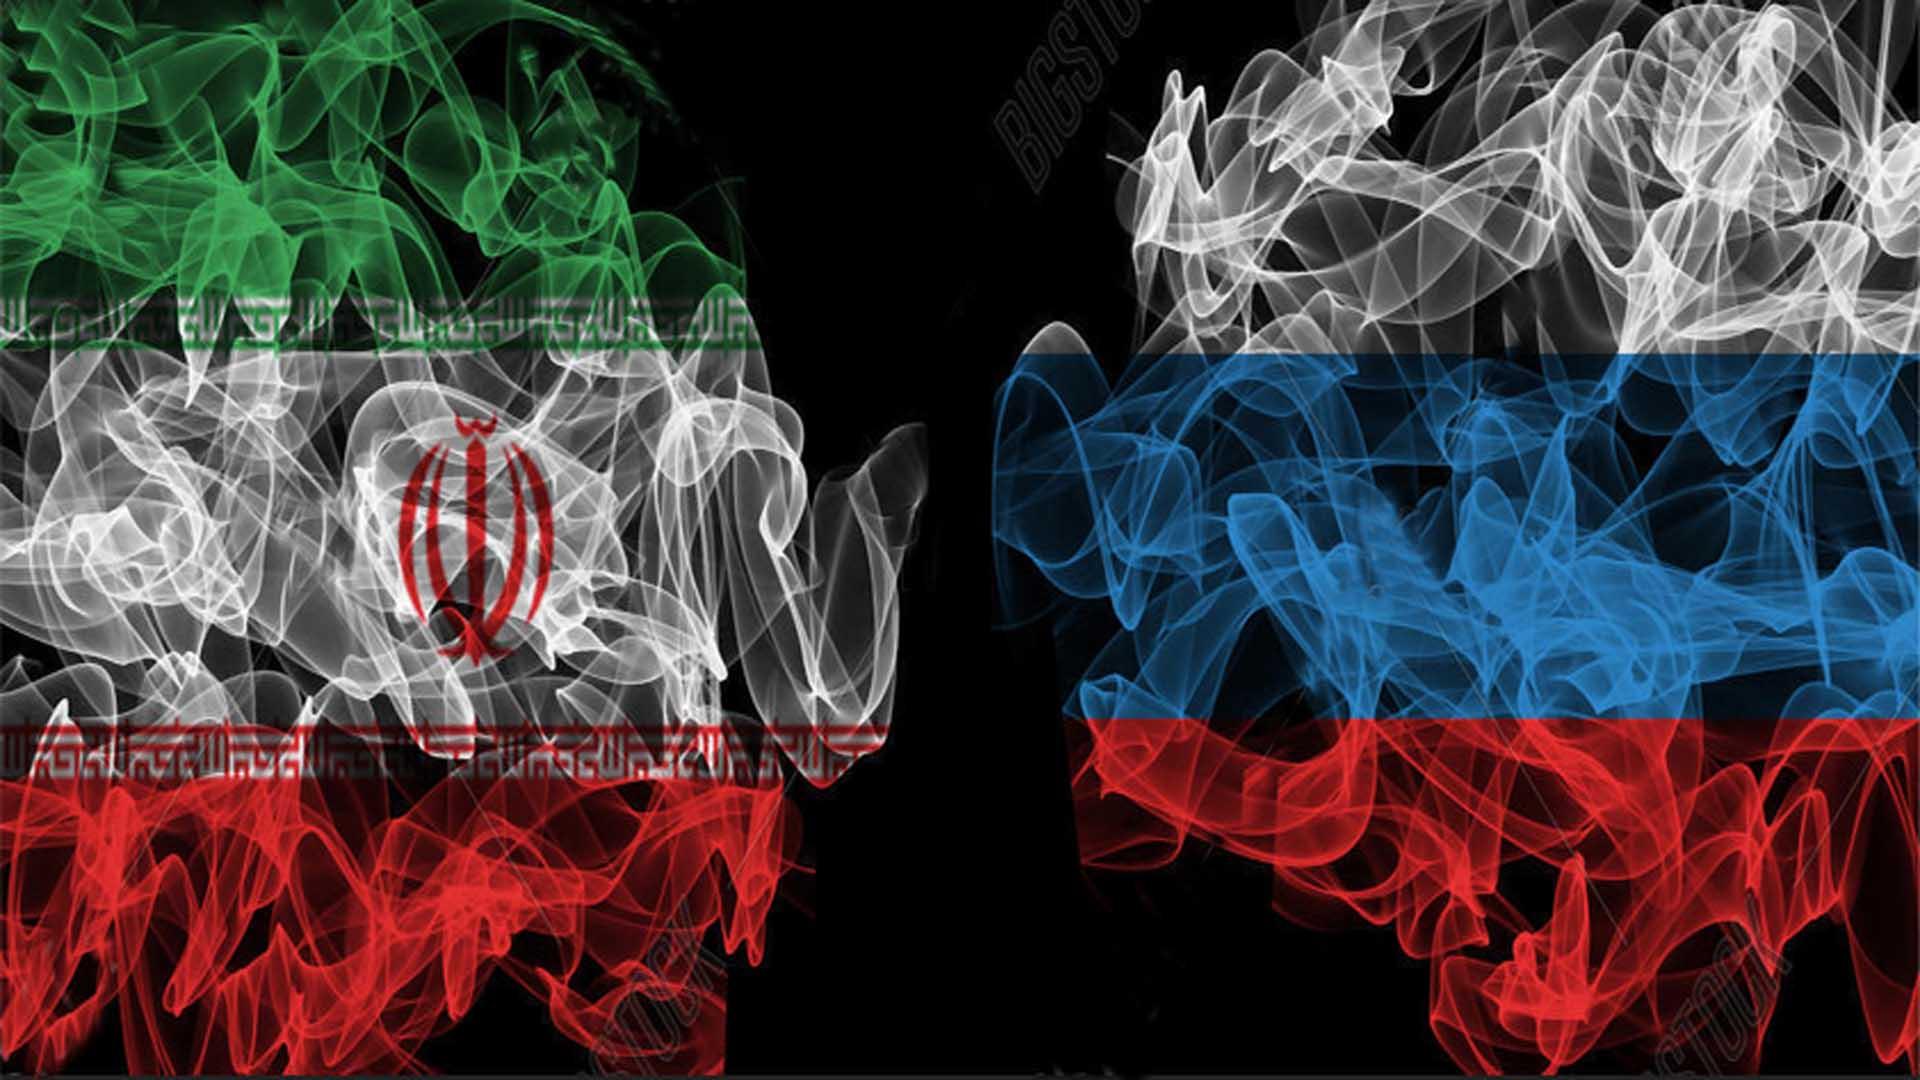 تباين الطرق في سورية بين روسيا وإيران